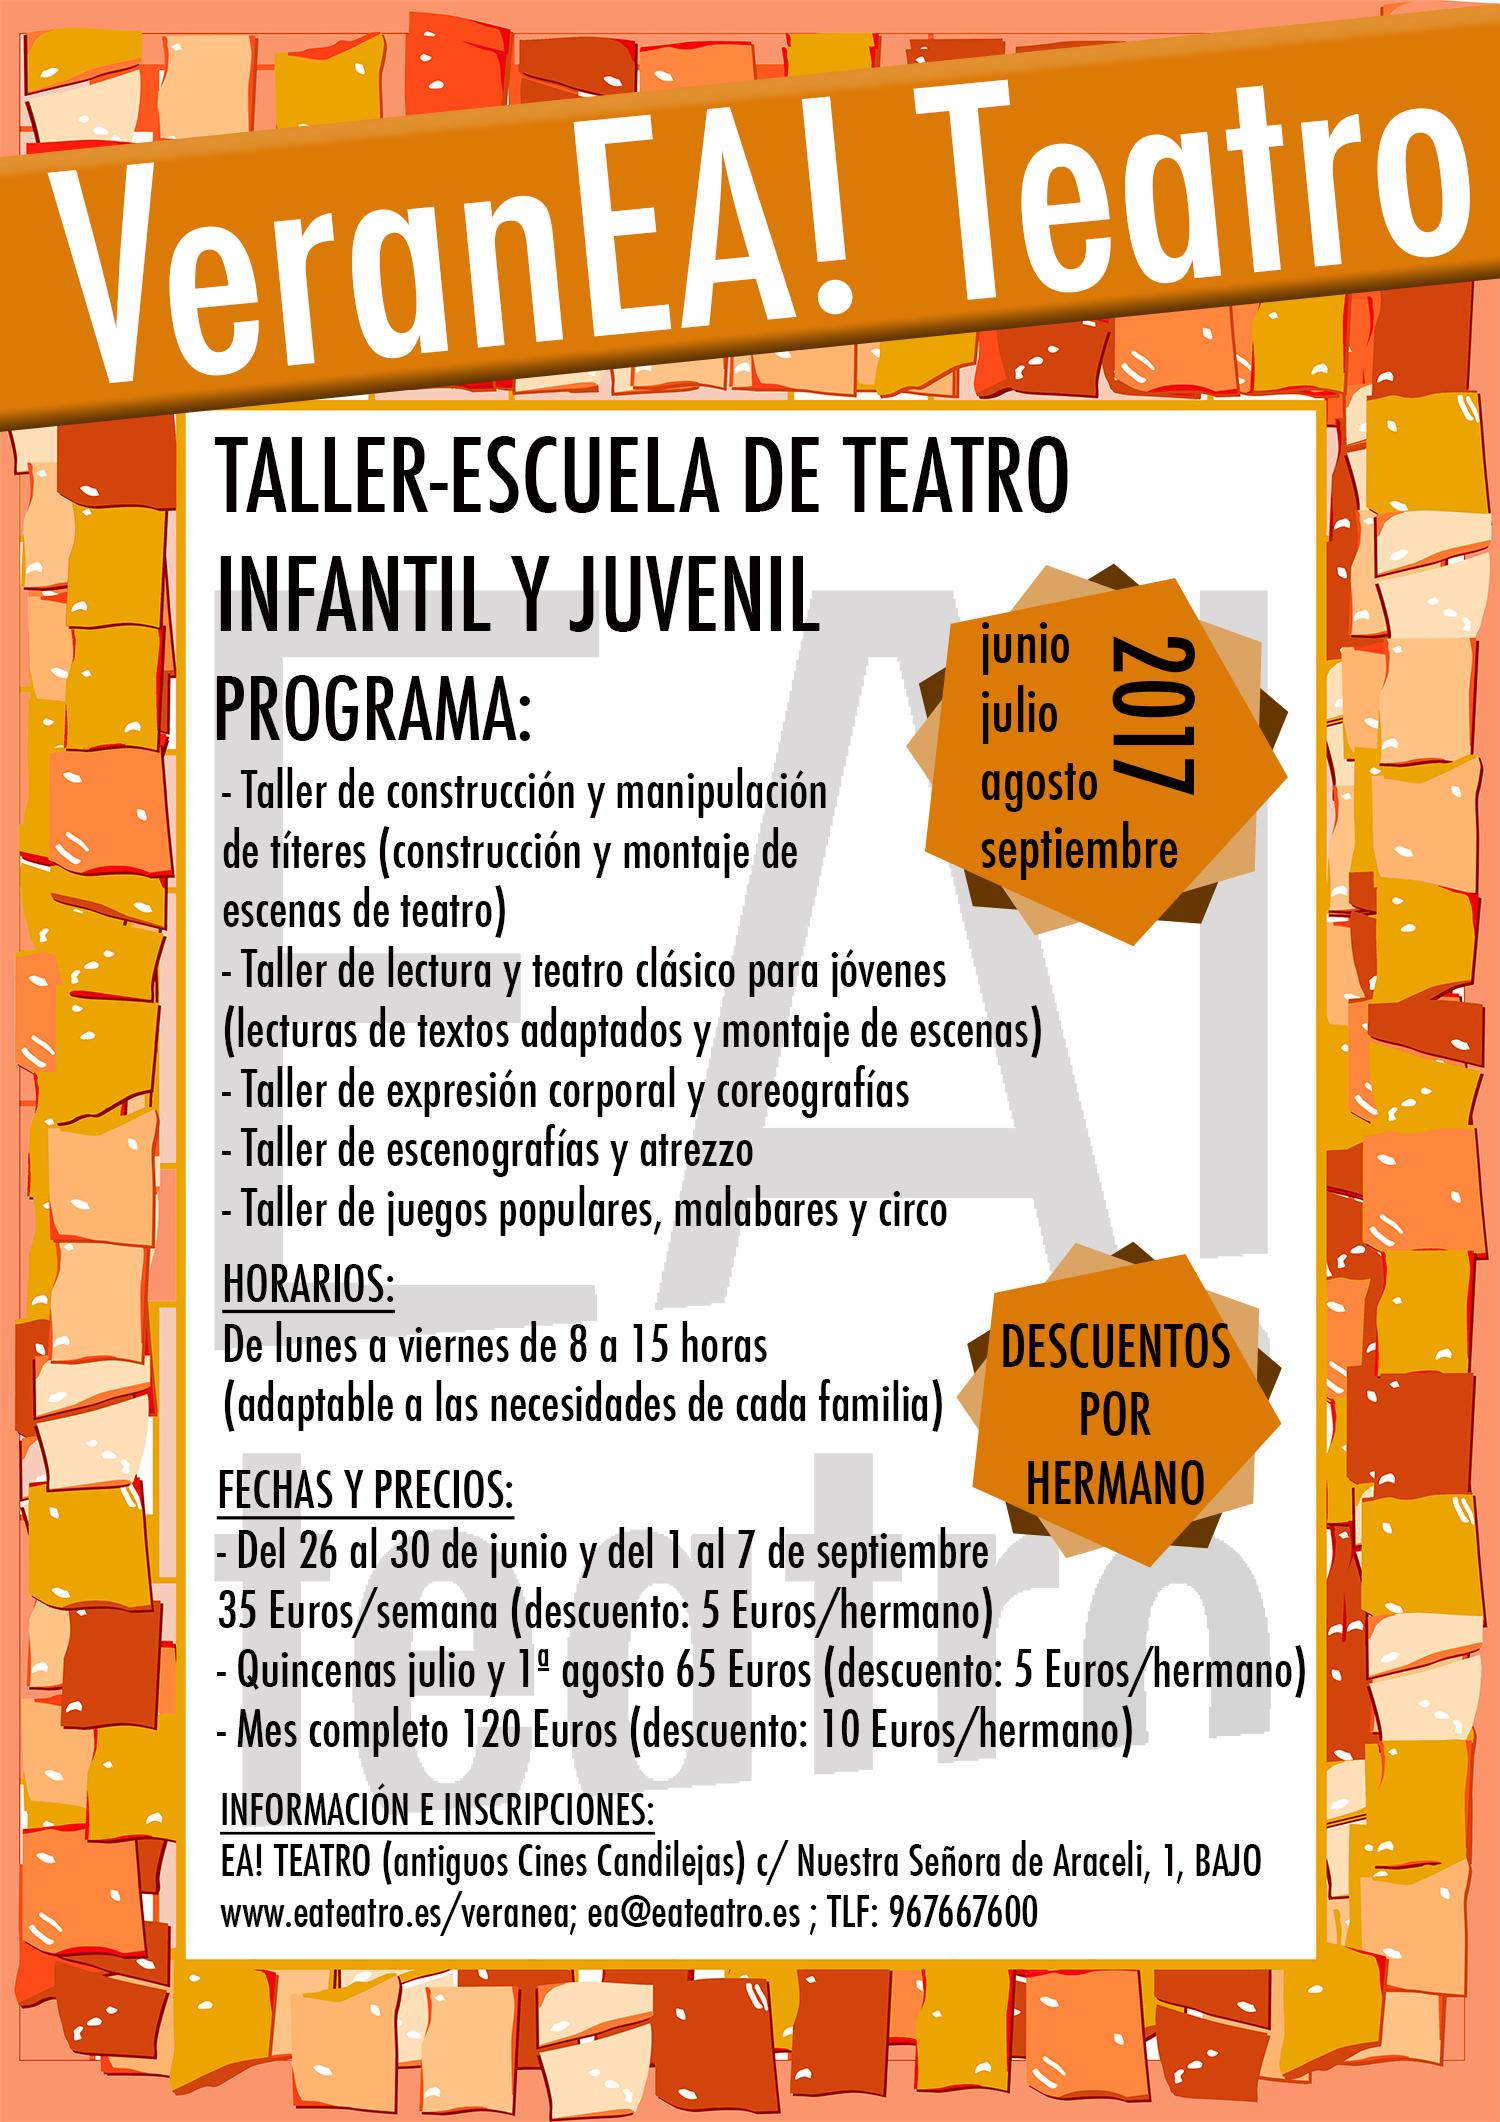 VeranEa! Teatro 2017